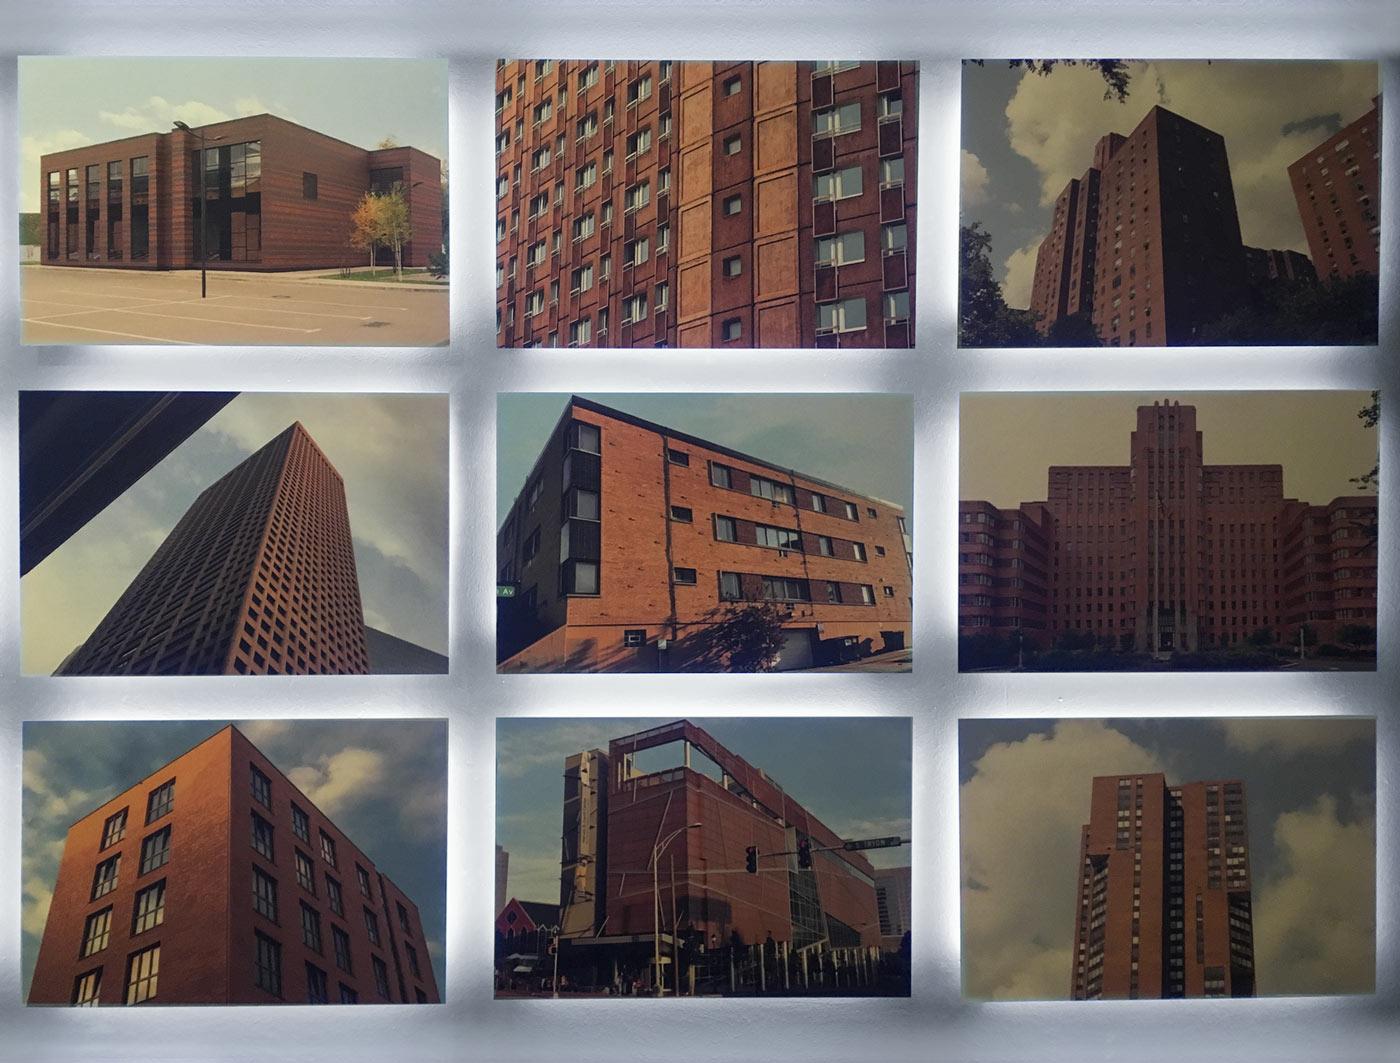 Aufnahmen von Gebäuden aus verschiedenen Perspektiven